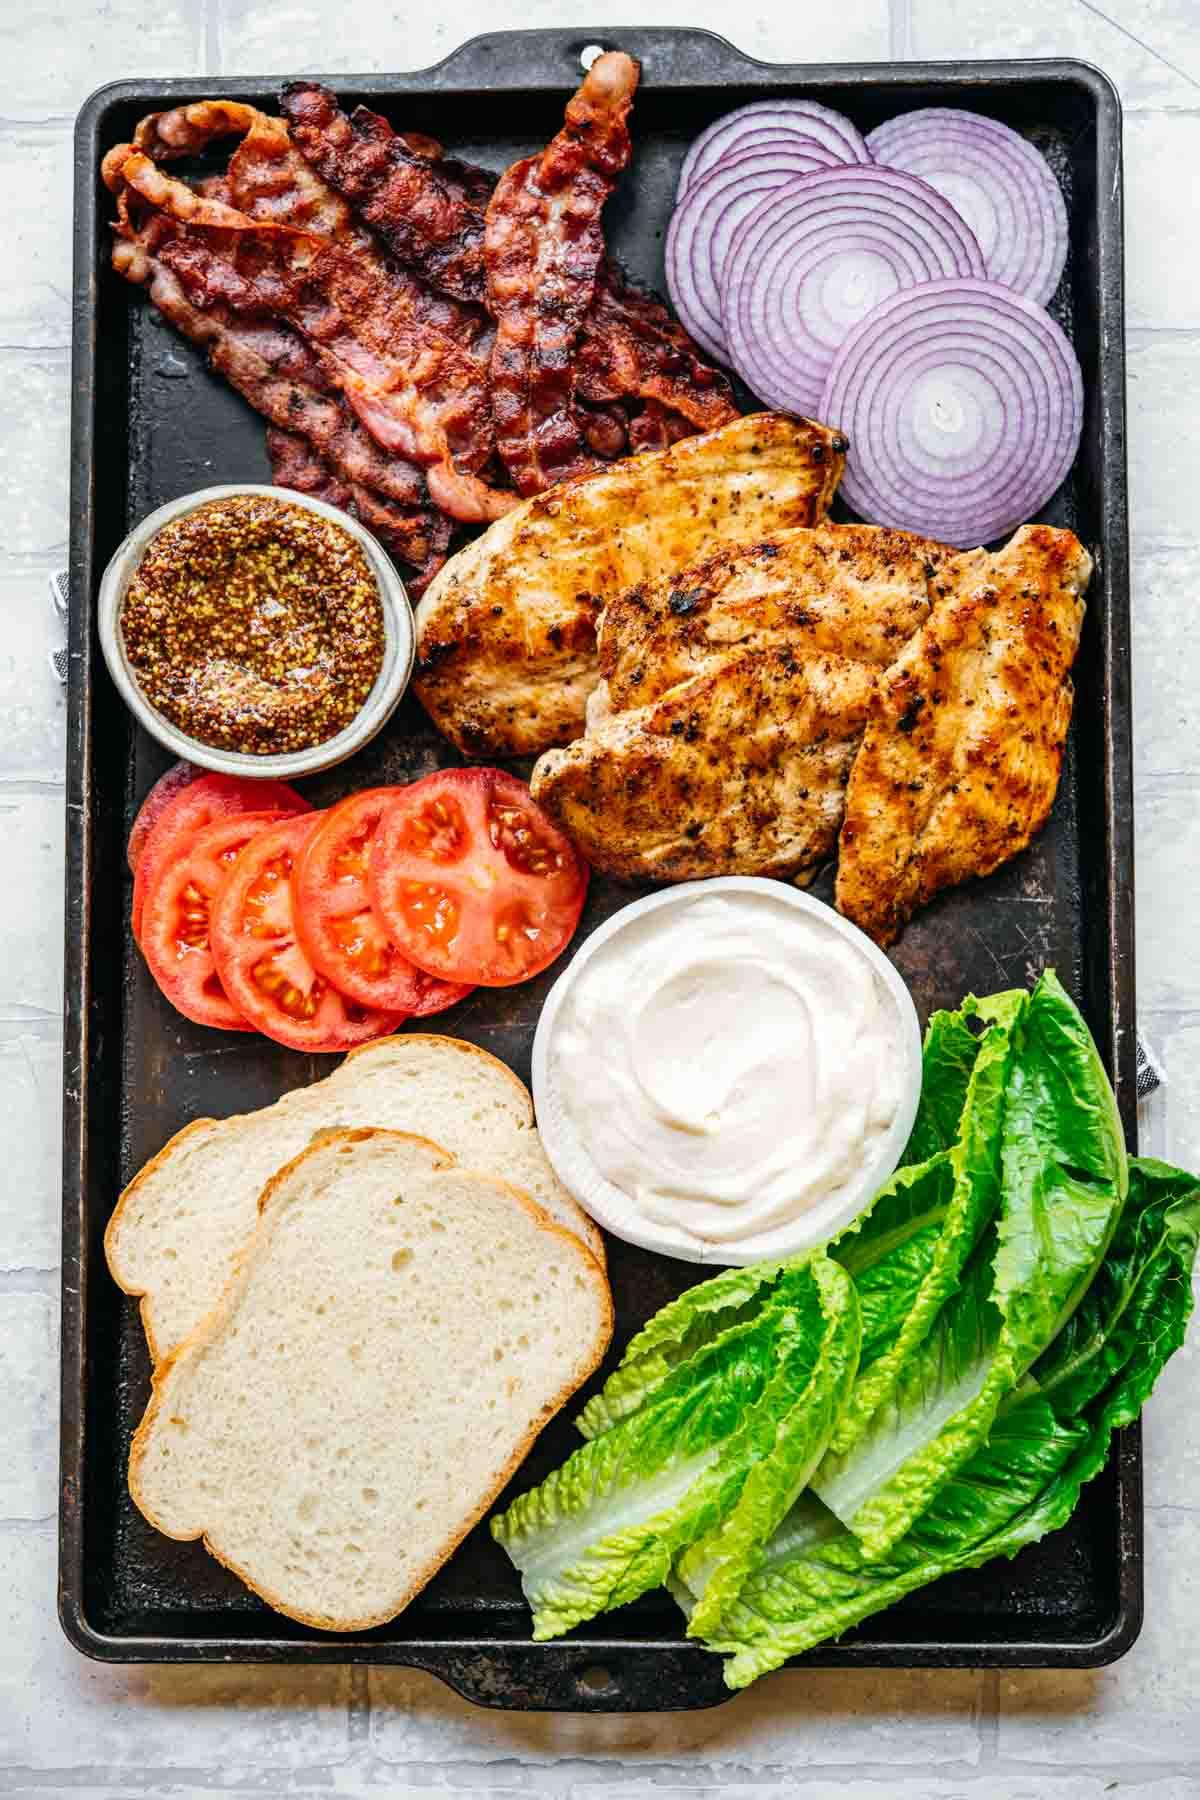 Ingredients for Grilled Chicken Sandwich